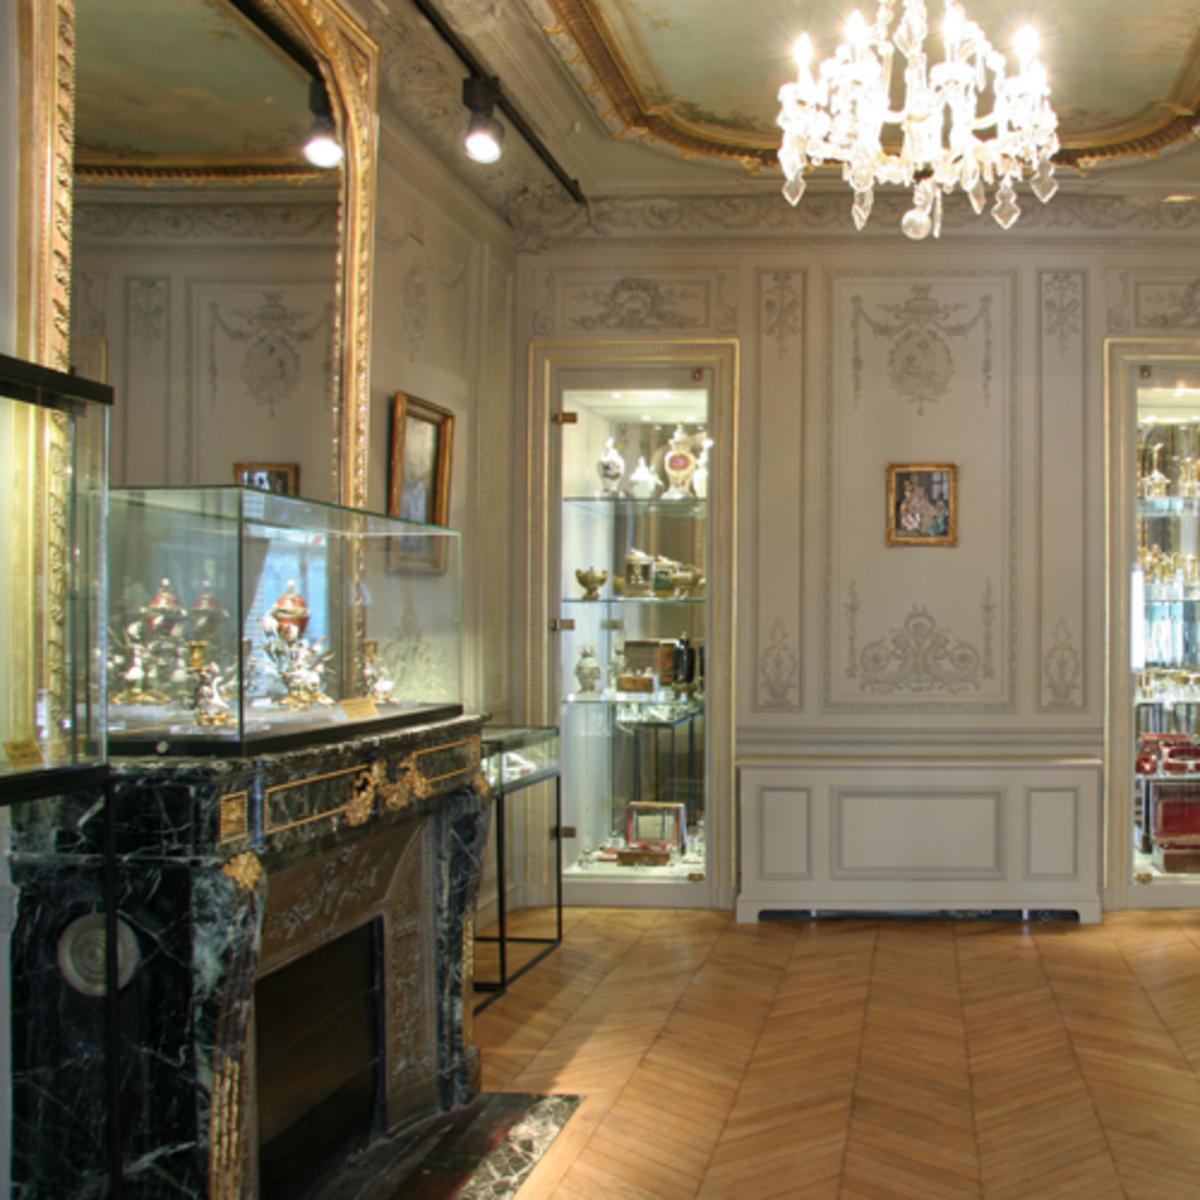 - Fragonard musee paris ...